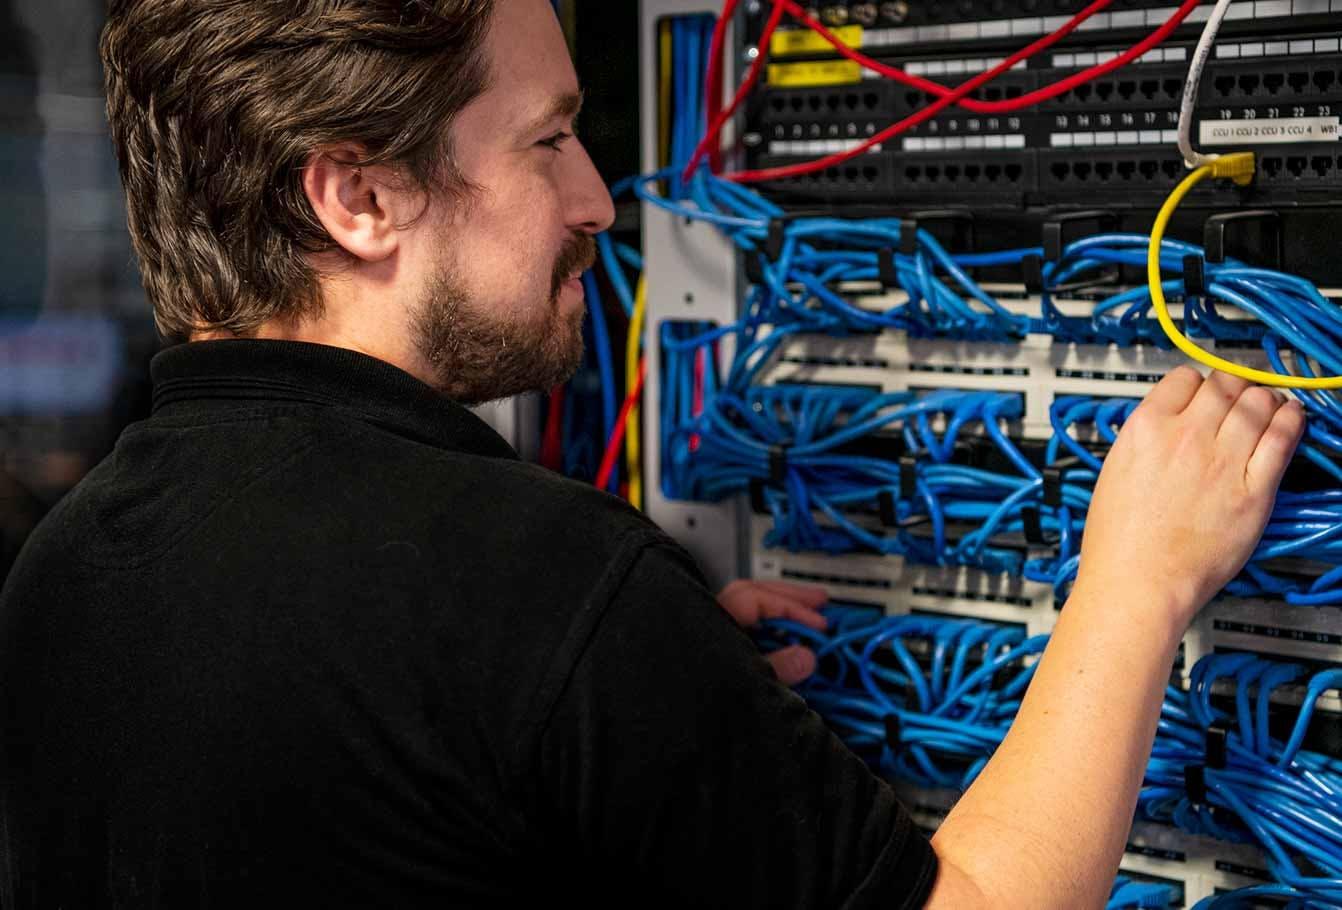 IT Customer Support Apprentice